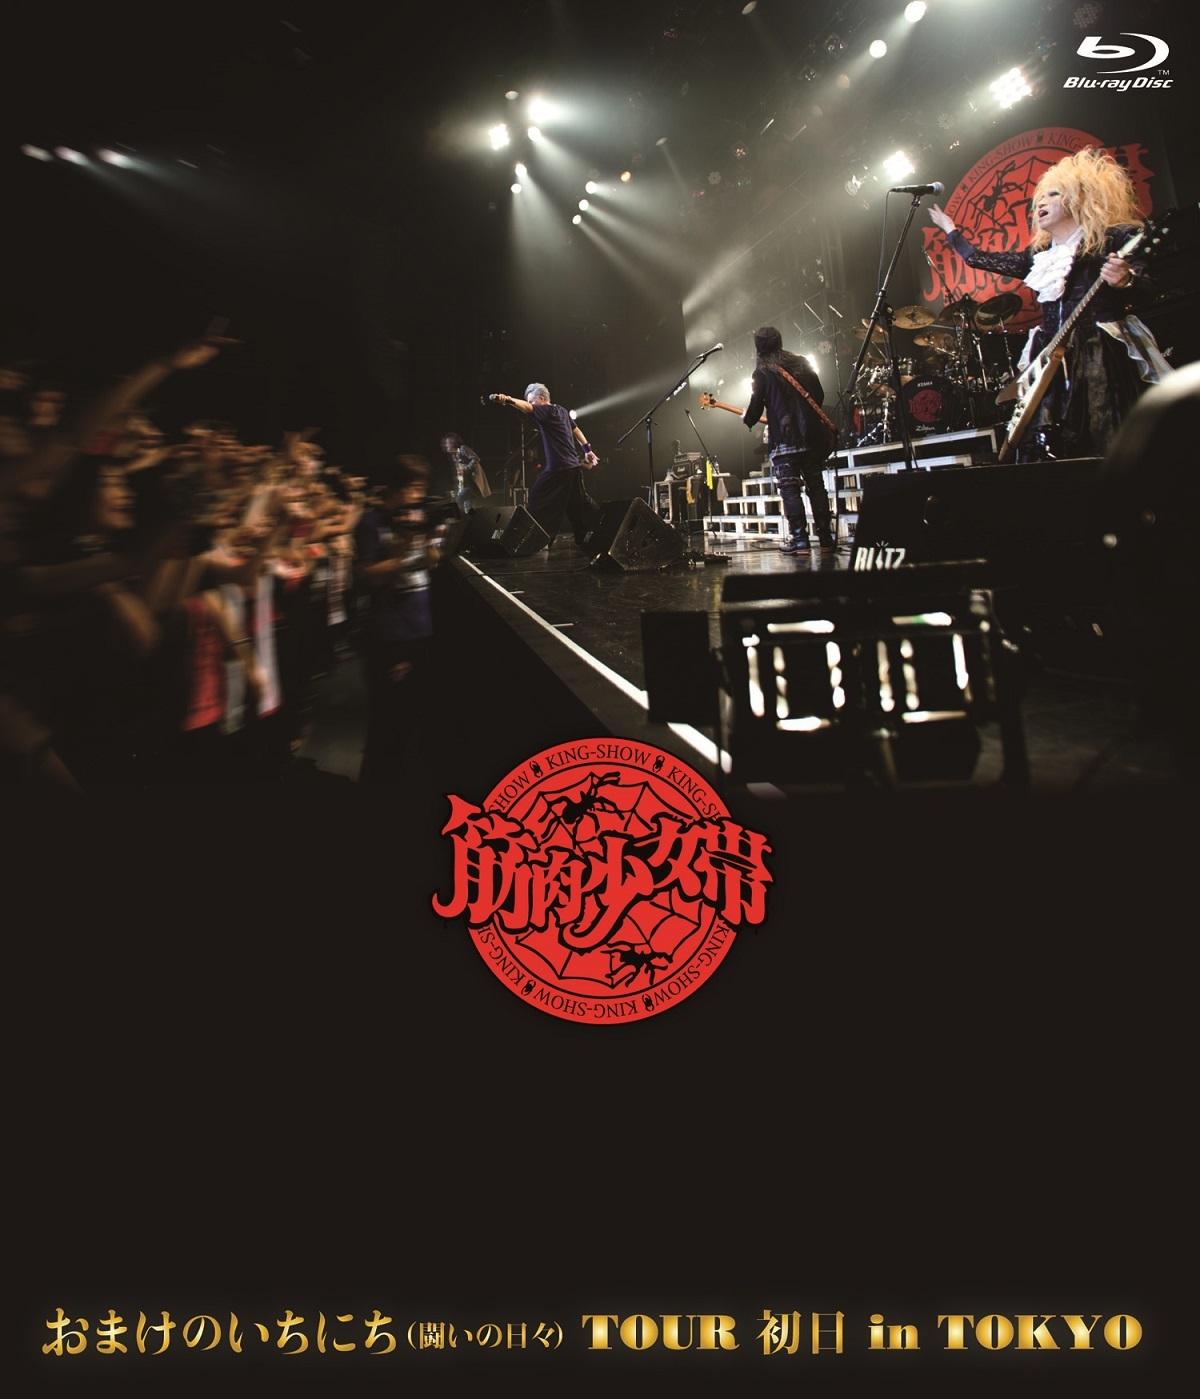 筋肉少女帯 Blu-ray/DVD『おまけのいちにち(闘いの日々)TOUR 初日 in TOKYO』